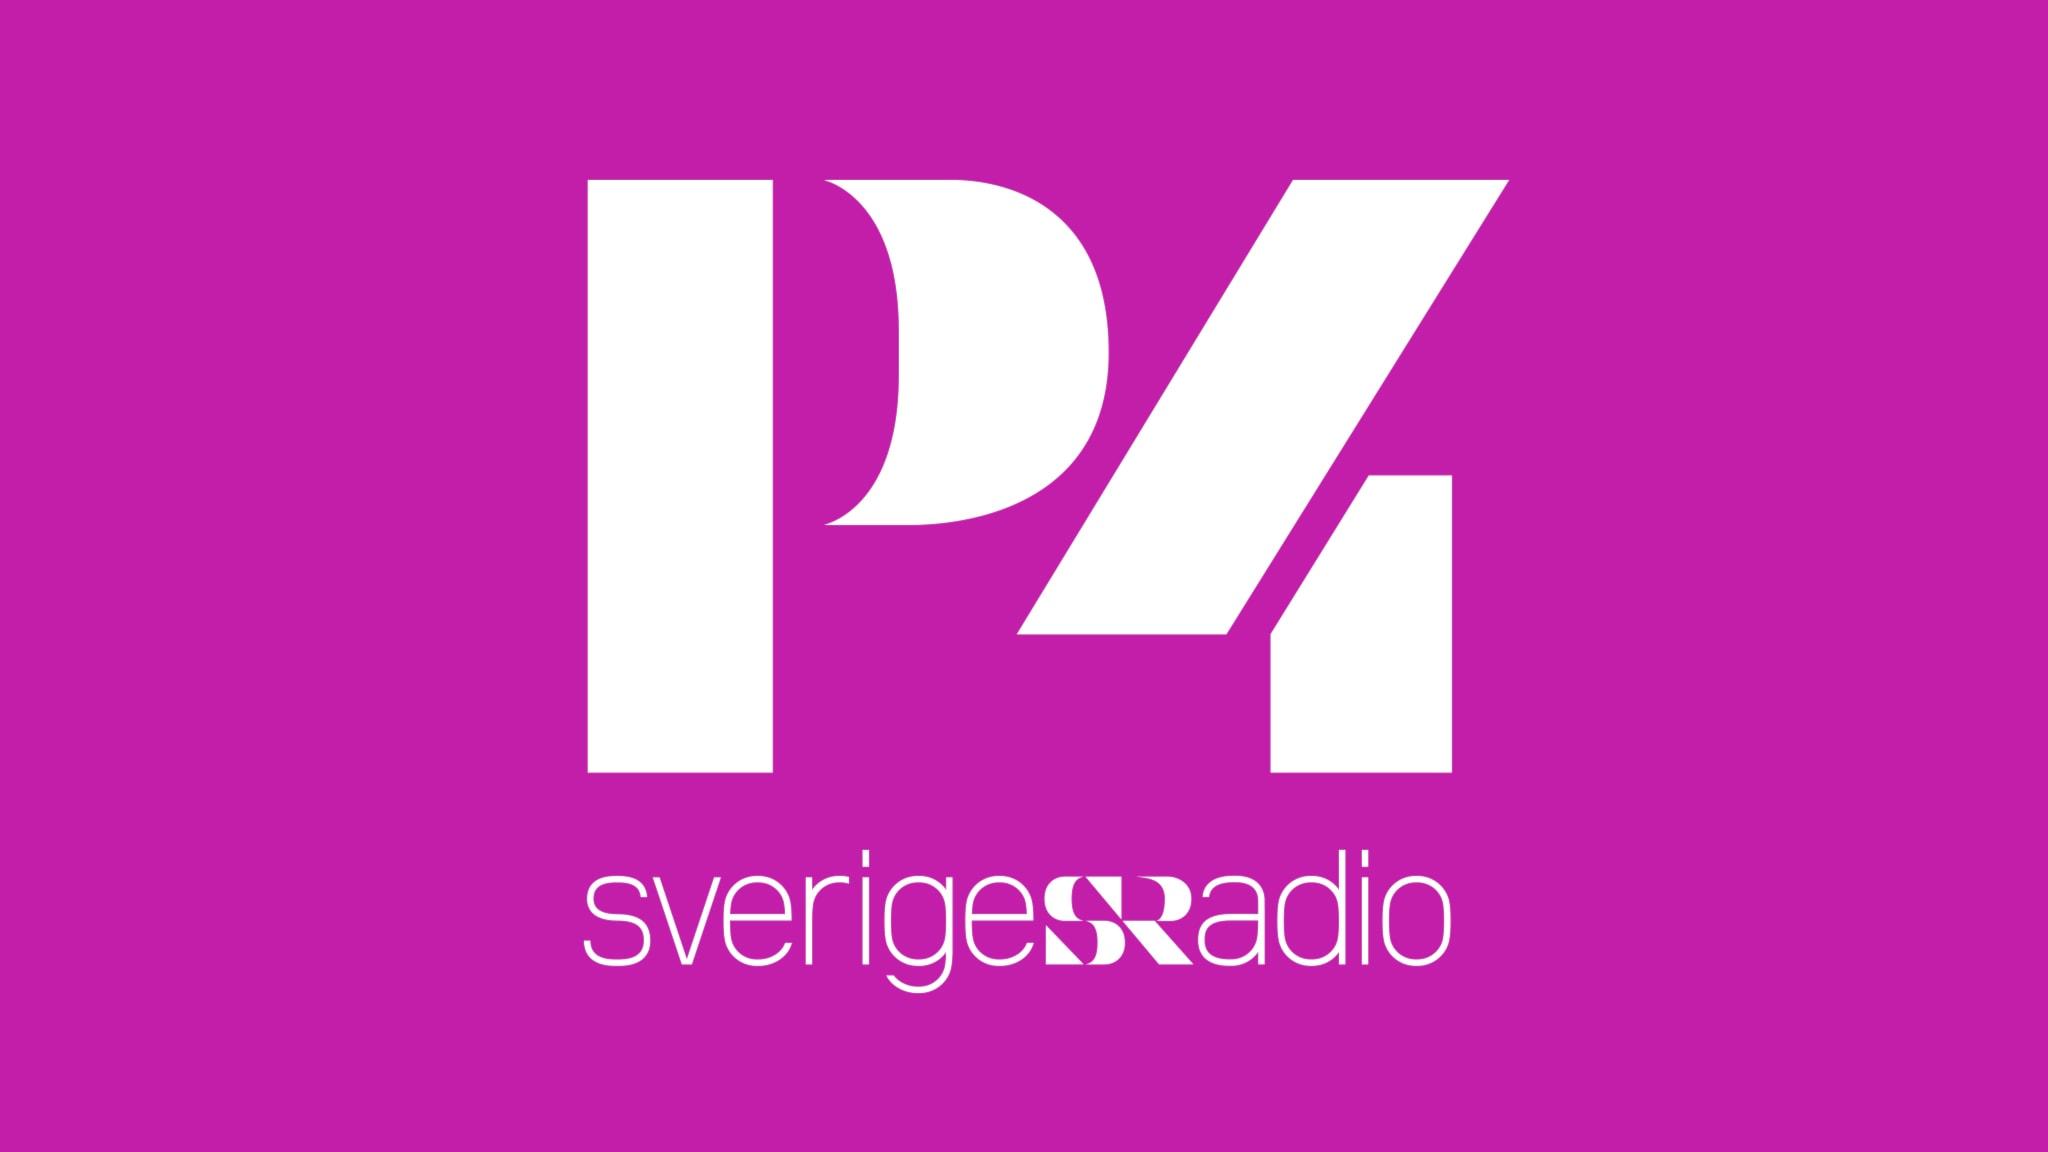 Trafik P4 Göteborg 20180928 17.33 (01.08)